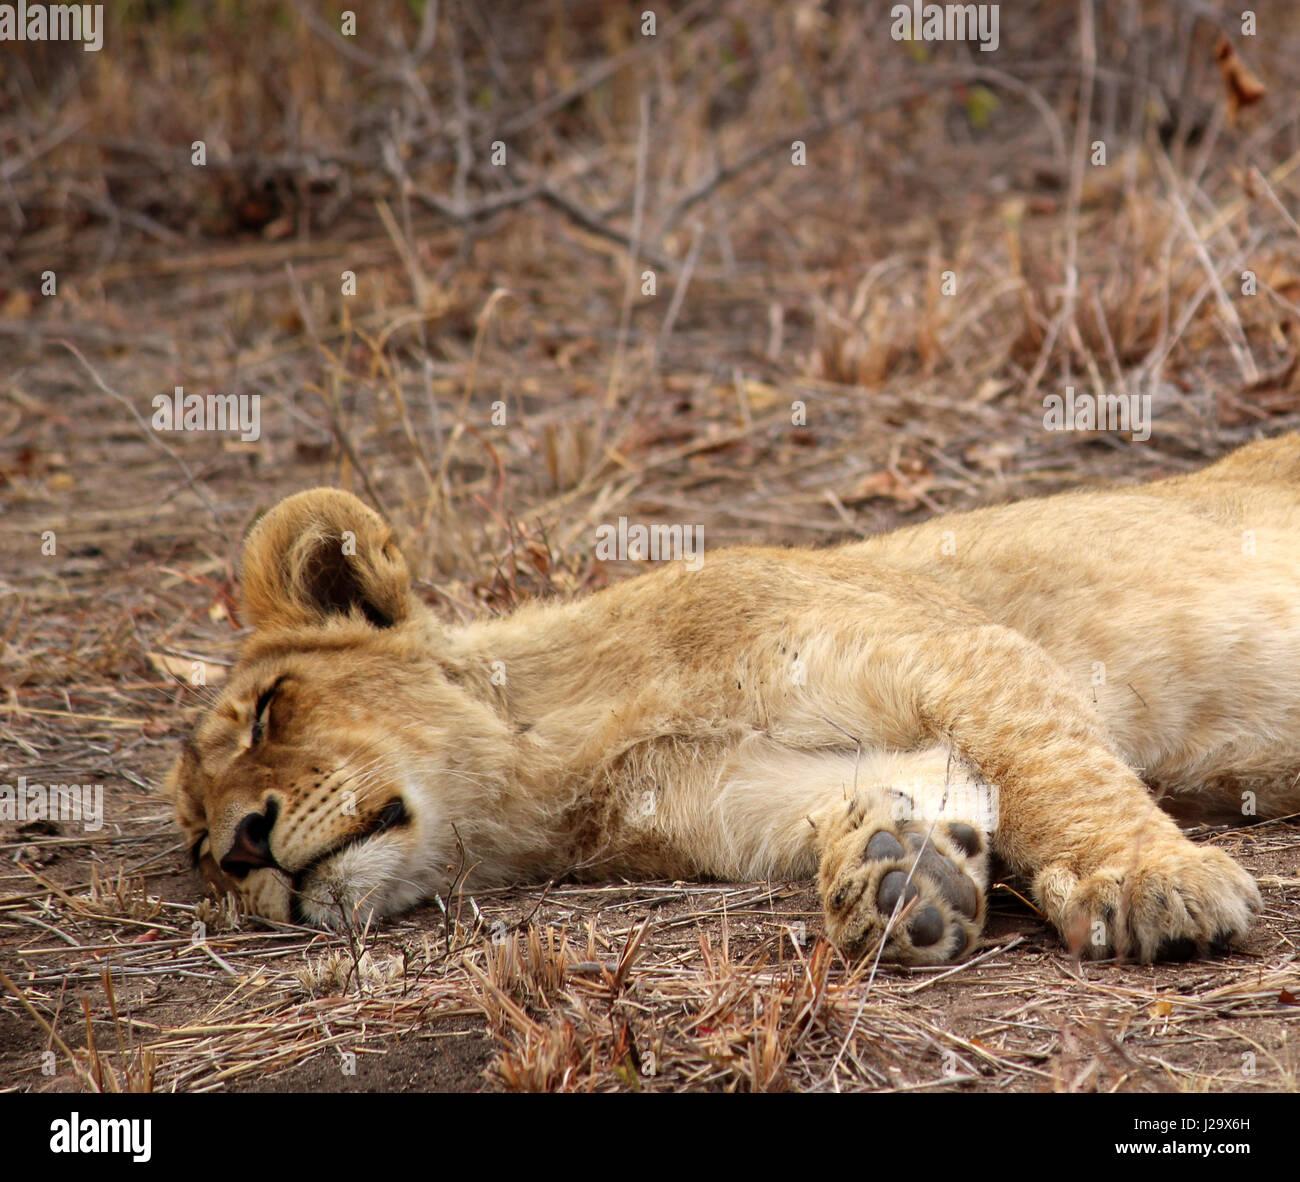 Sauvage magnifique lion cub resting in the bush Banque D'Images